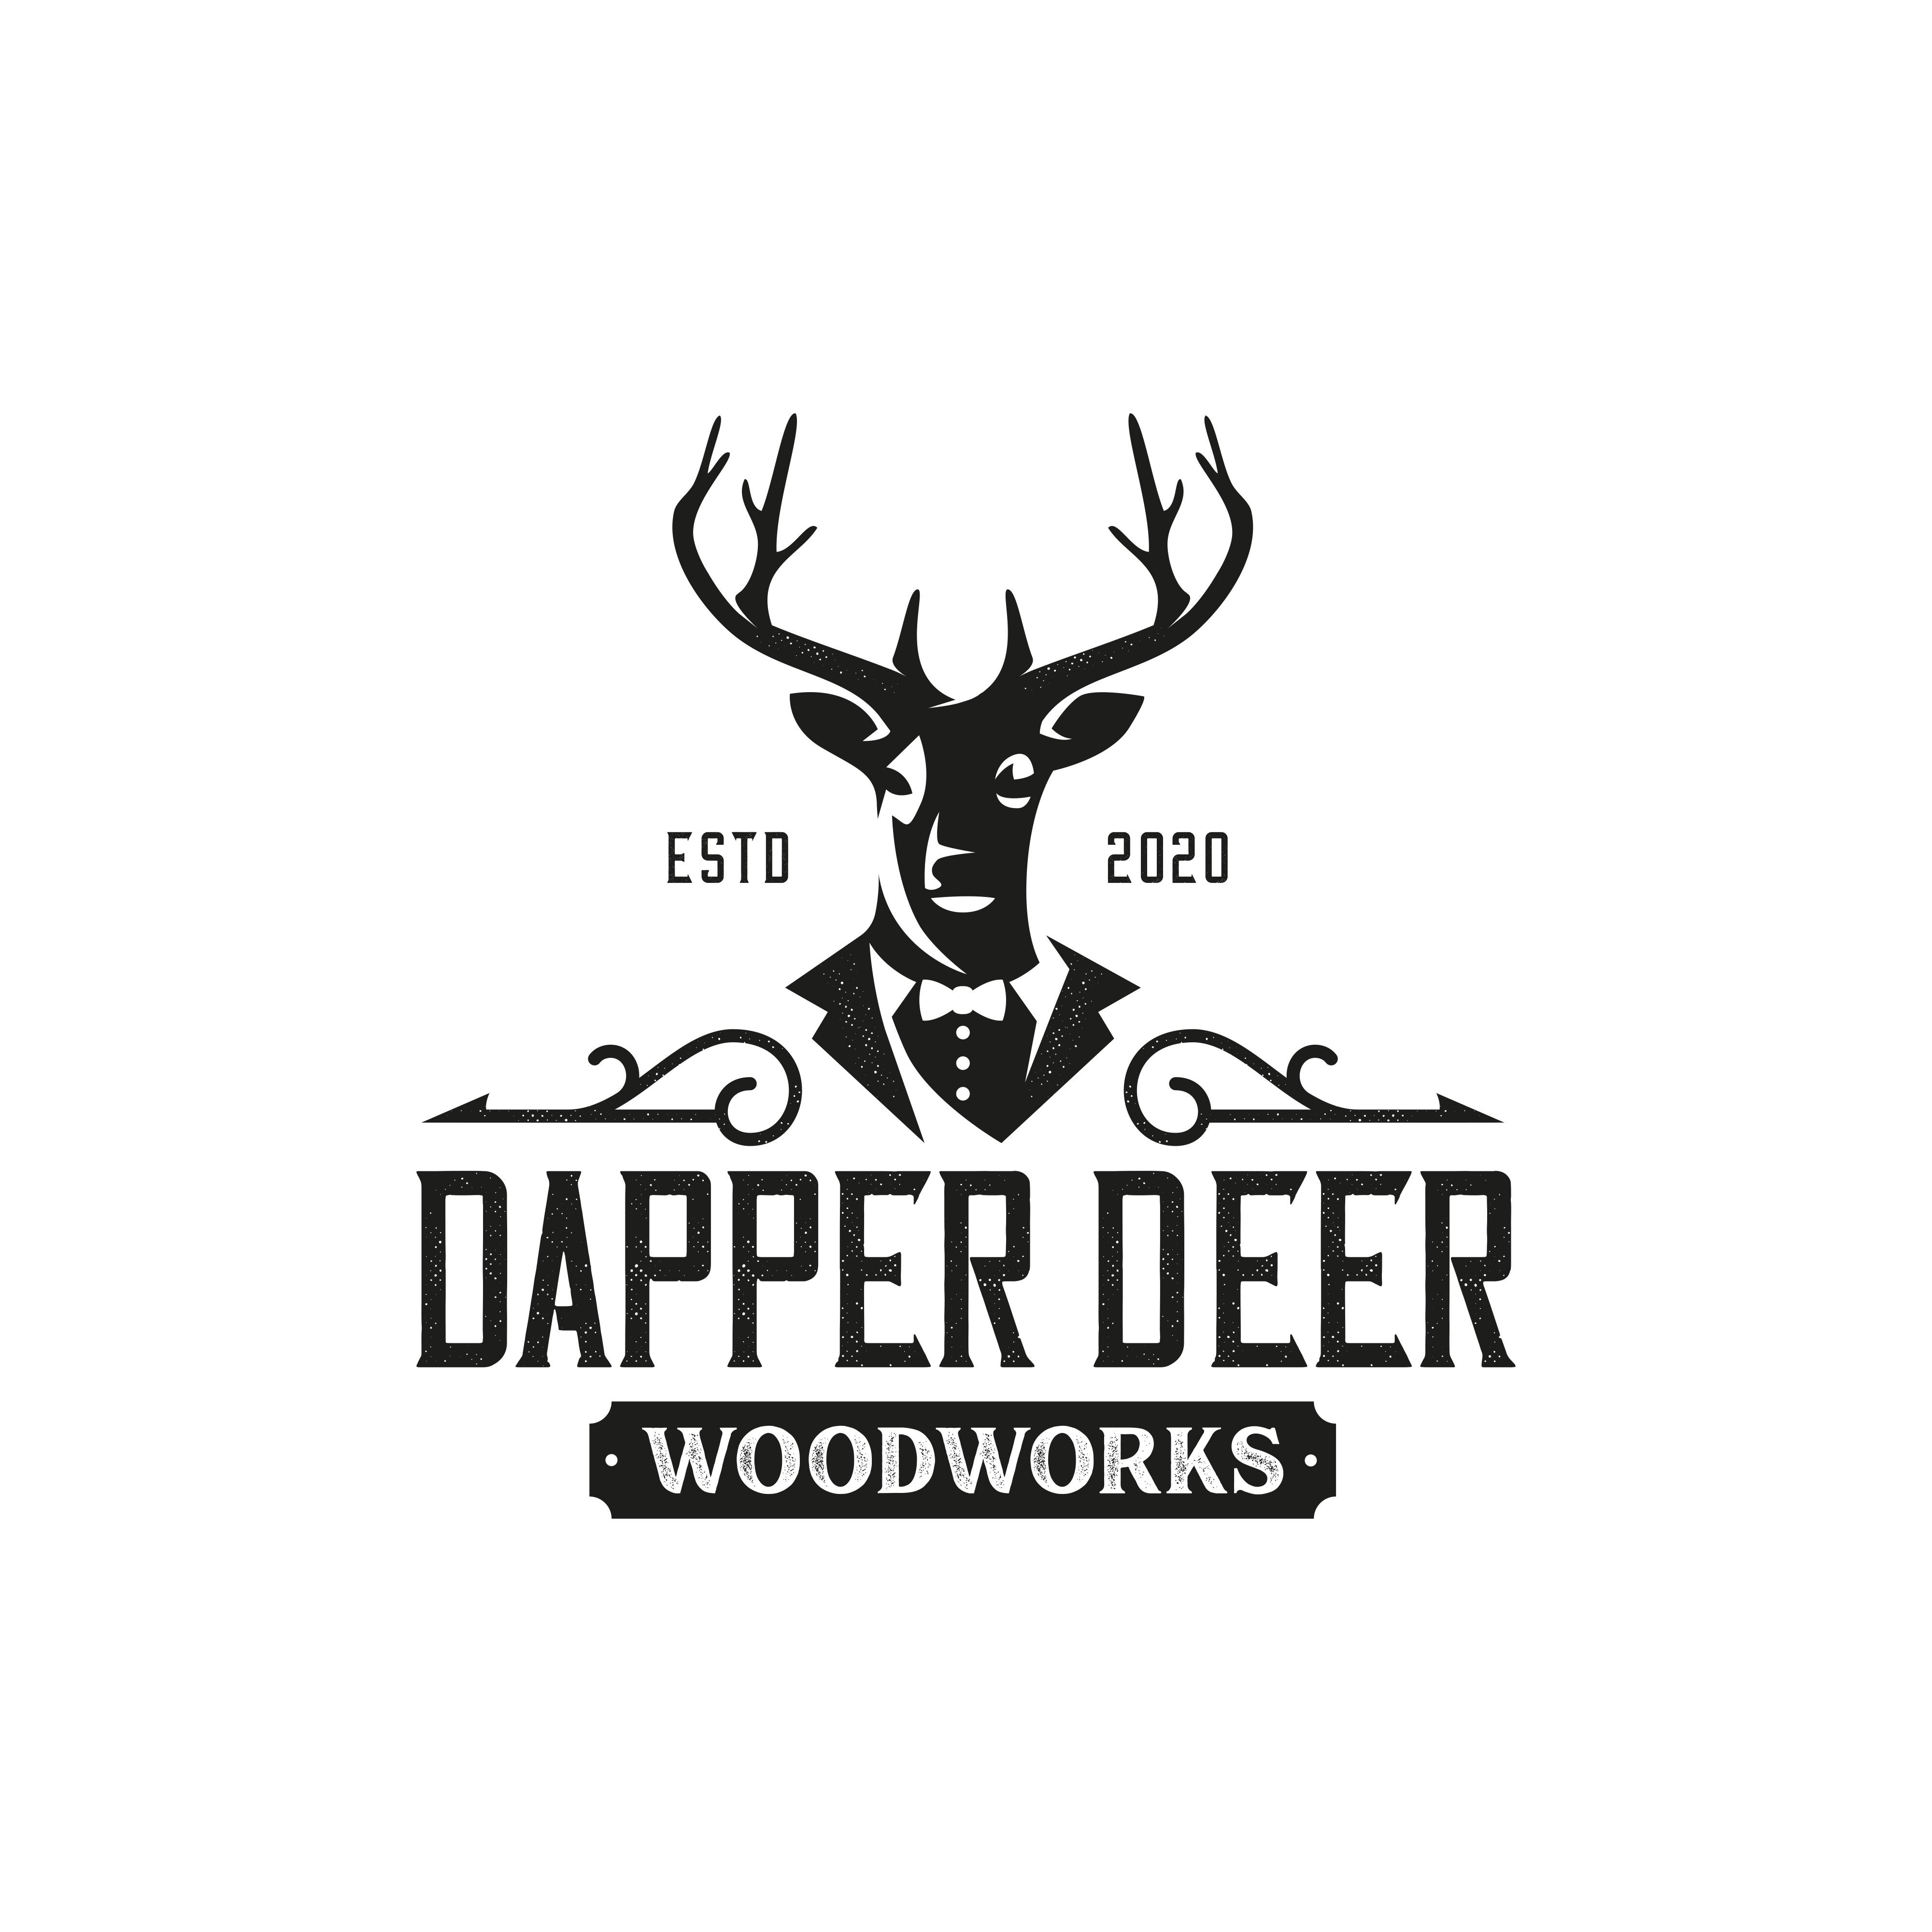 Vintage Dapper Deer logo for high-end woodworking.